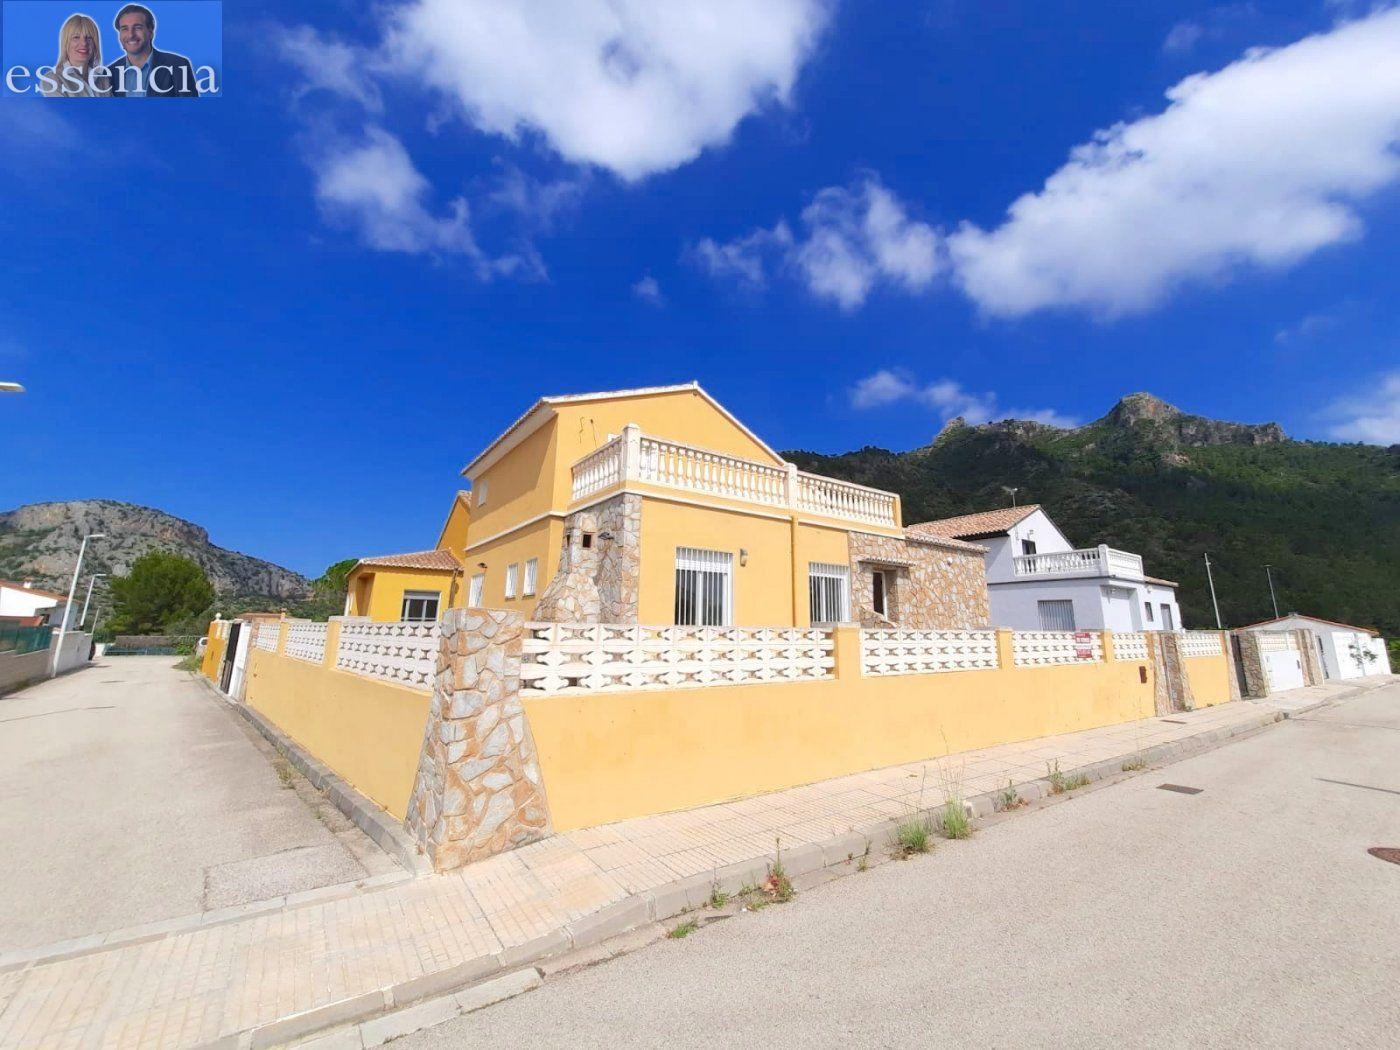 Chalet independiente en venta en calle magraner urbanización xauxa, 6, 46728, gandia (vale - imagenInmueble0